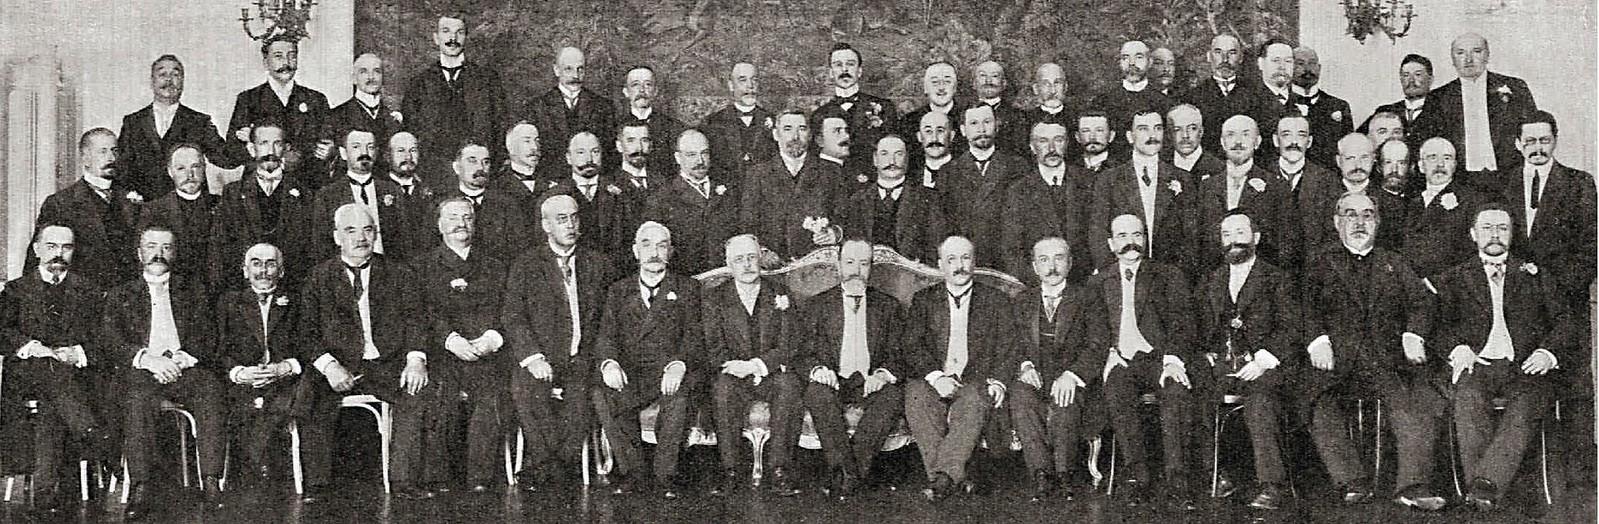 1910. К 50-летнему юбилею Государственного банка. 2 июня